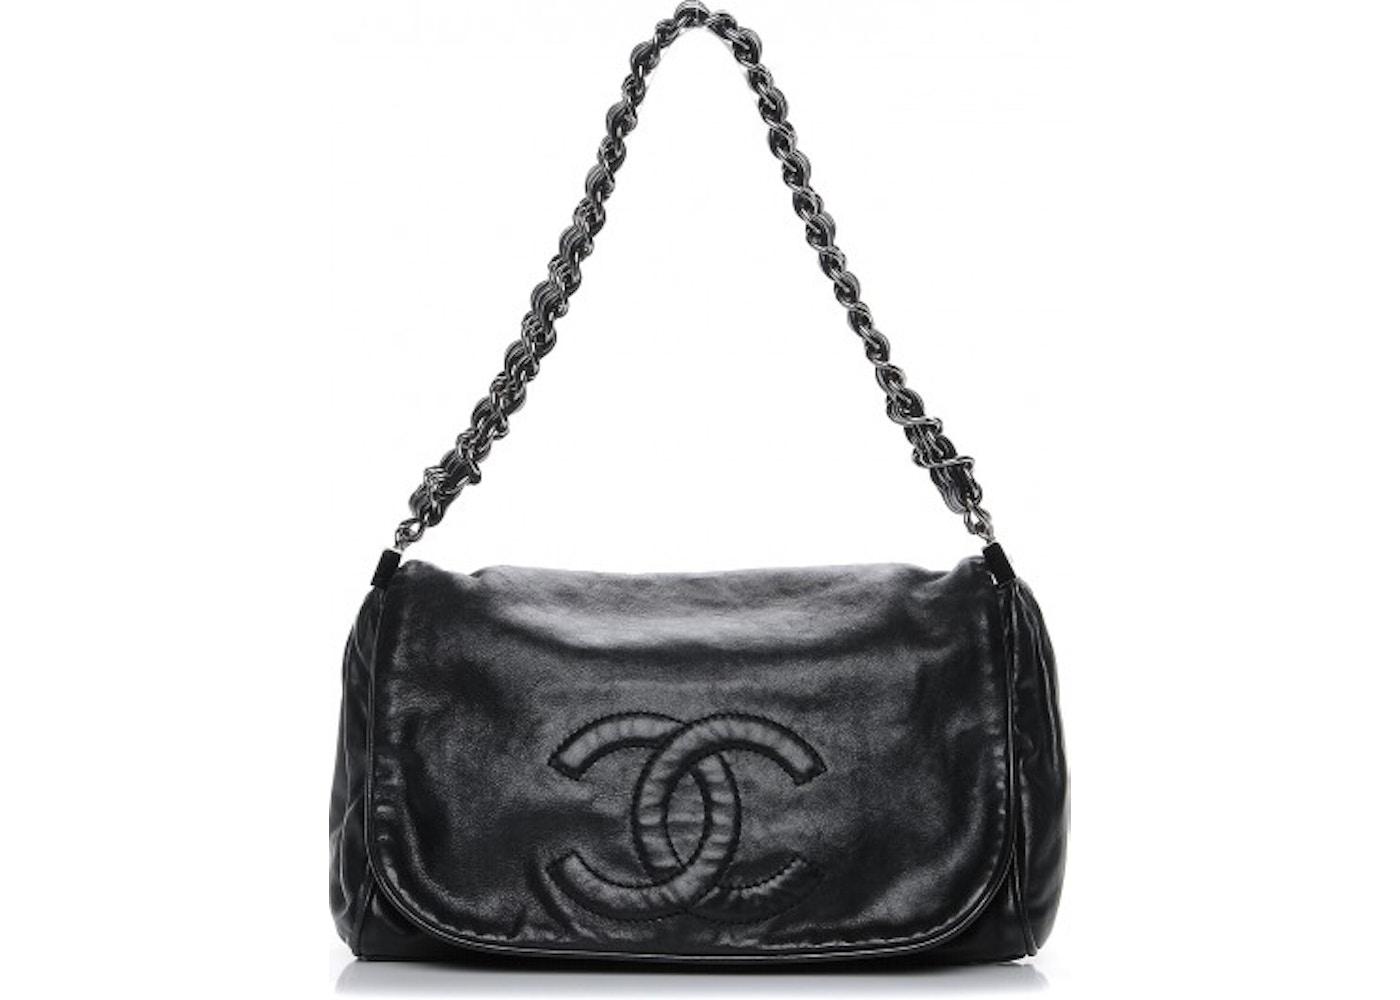 e93f09f4033b Chanel Rock And Chain Flap Small Black. Small Black